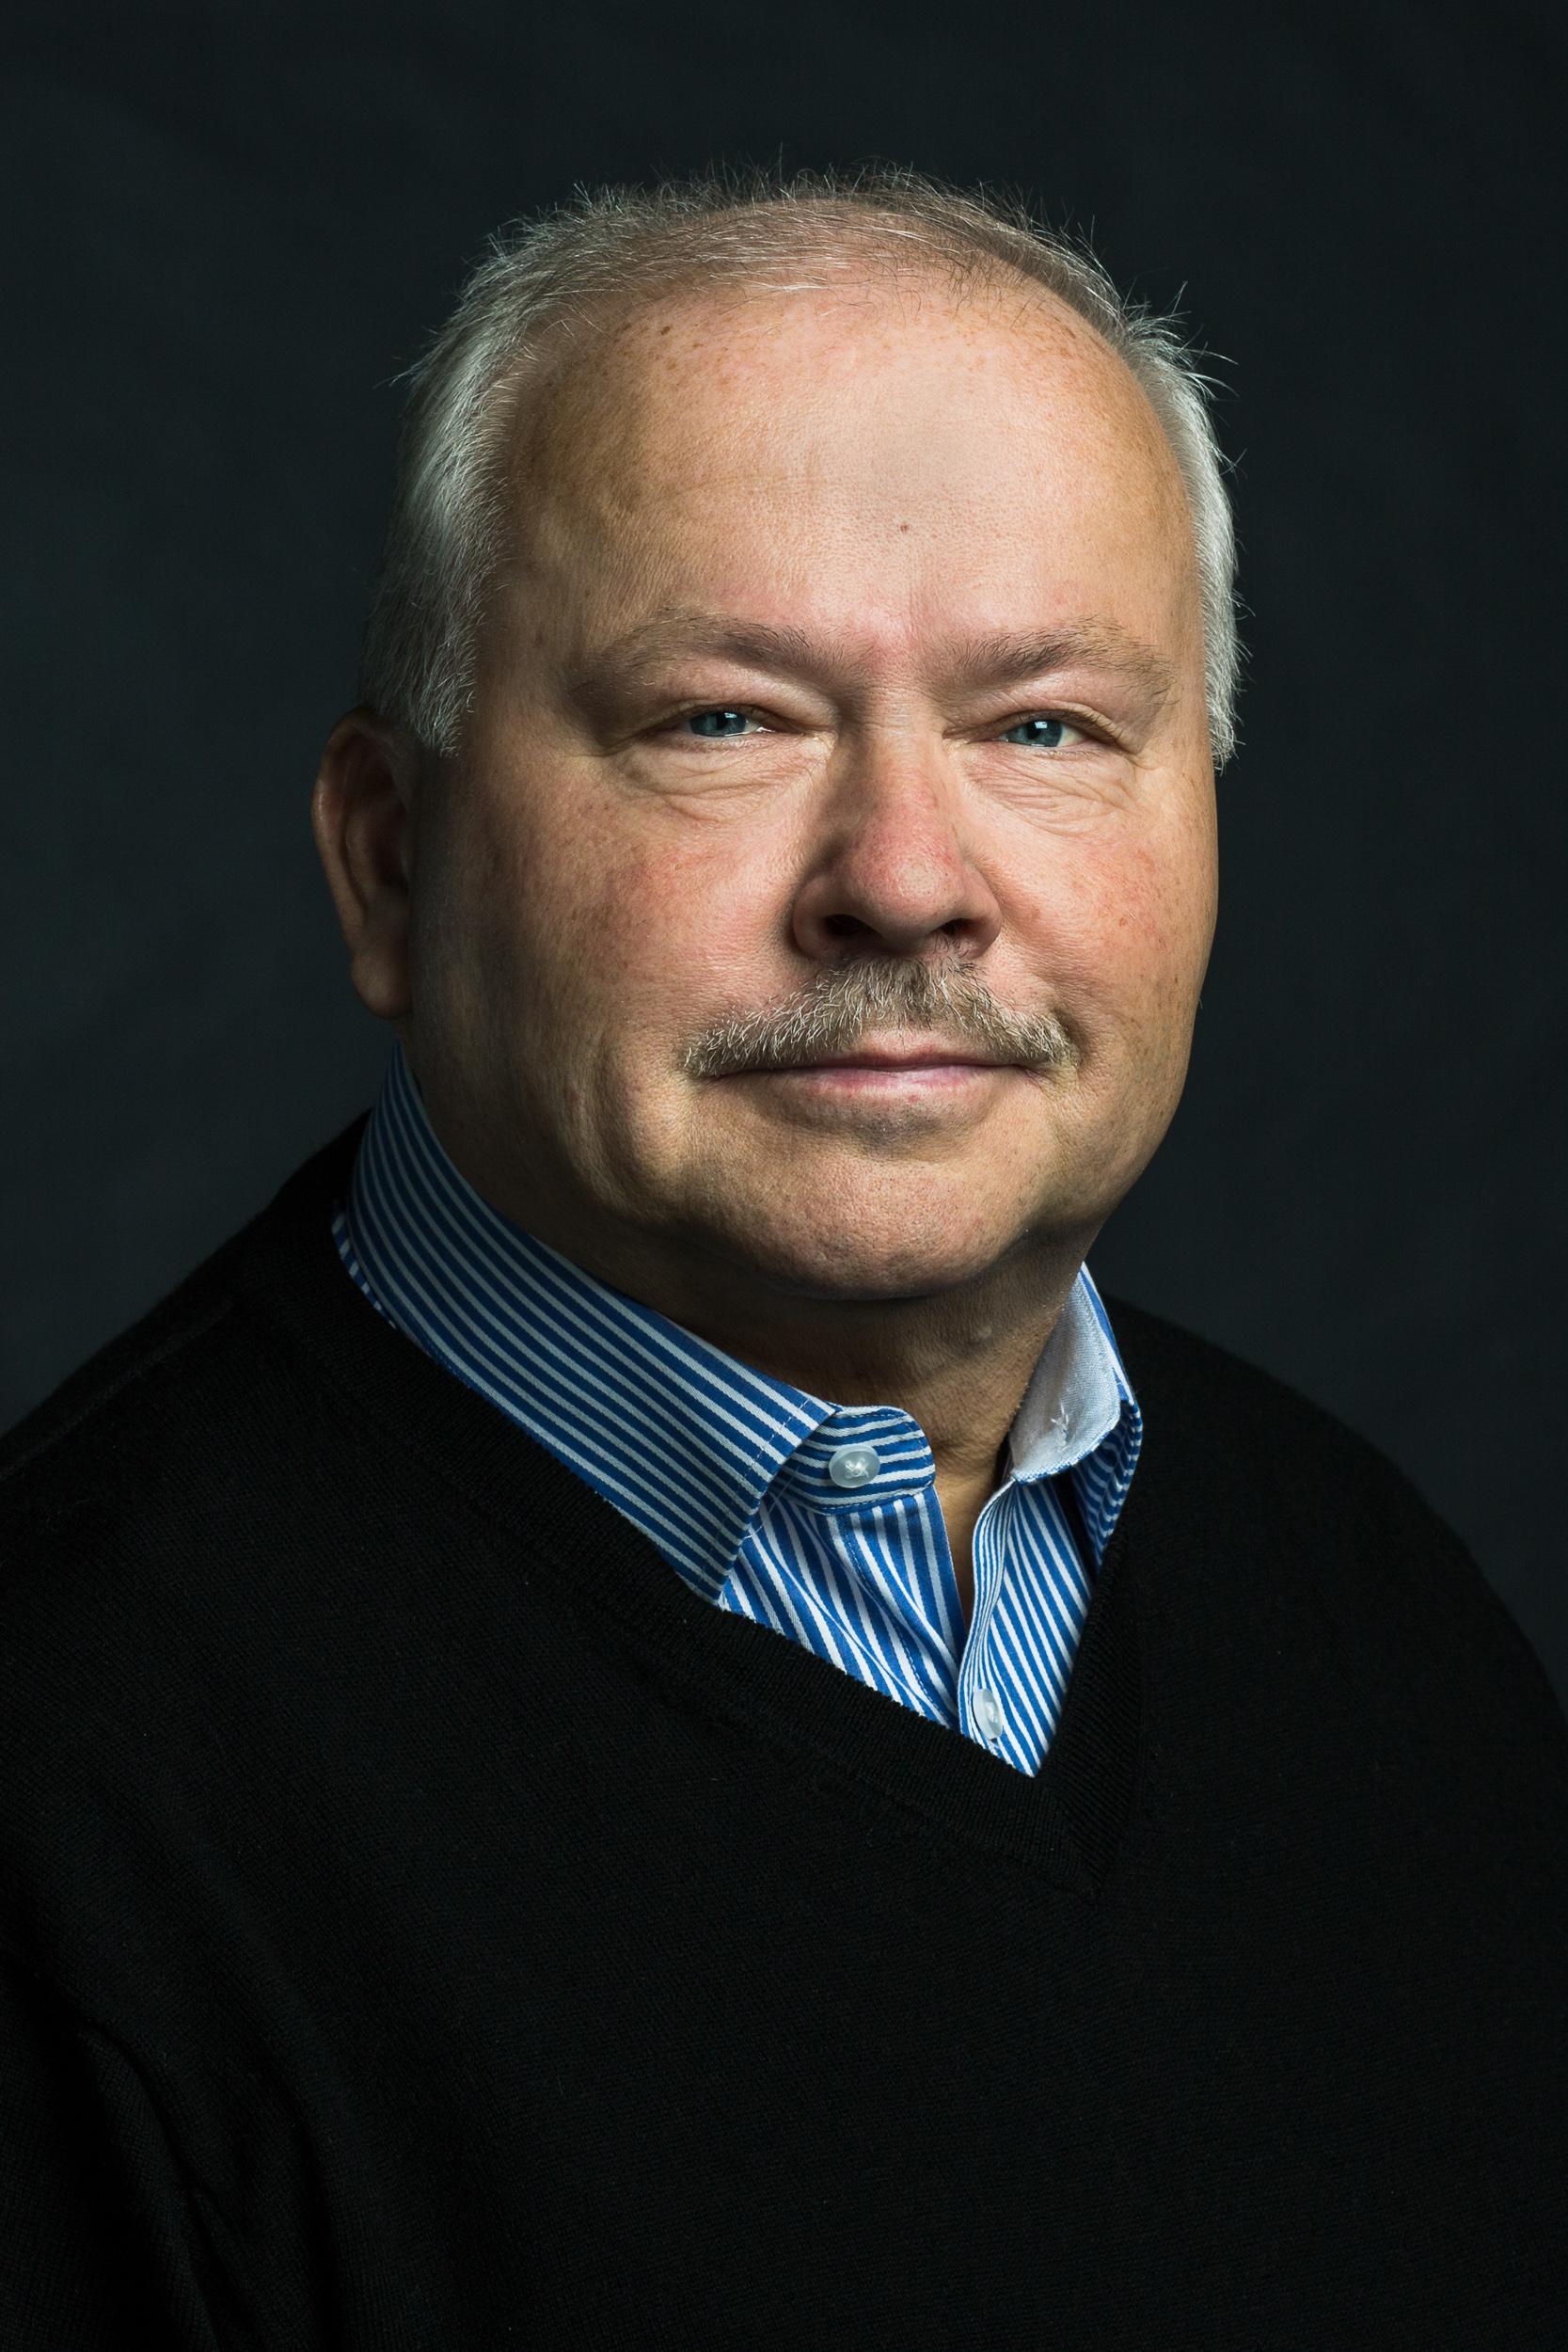 Heikki Lehtonen